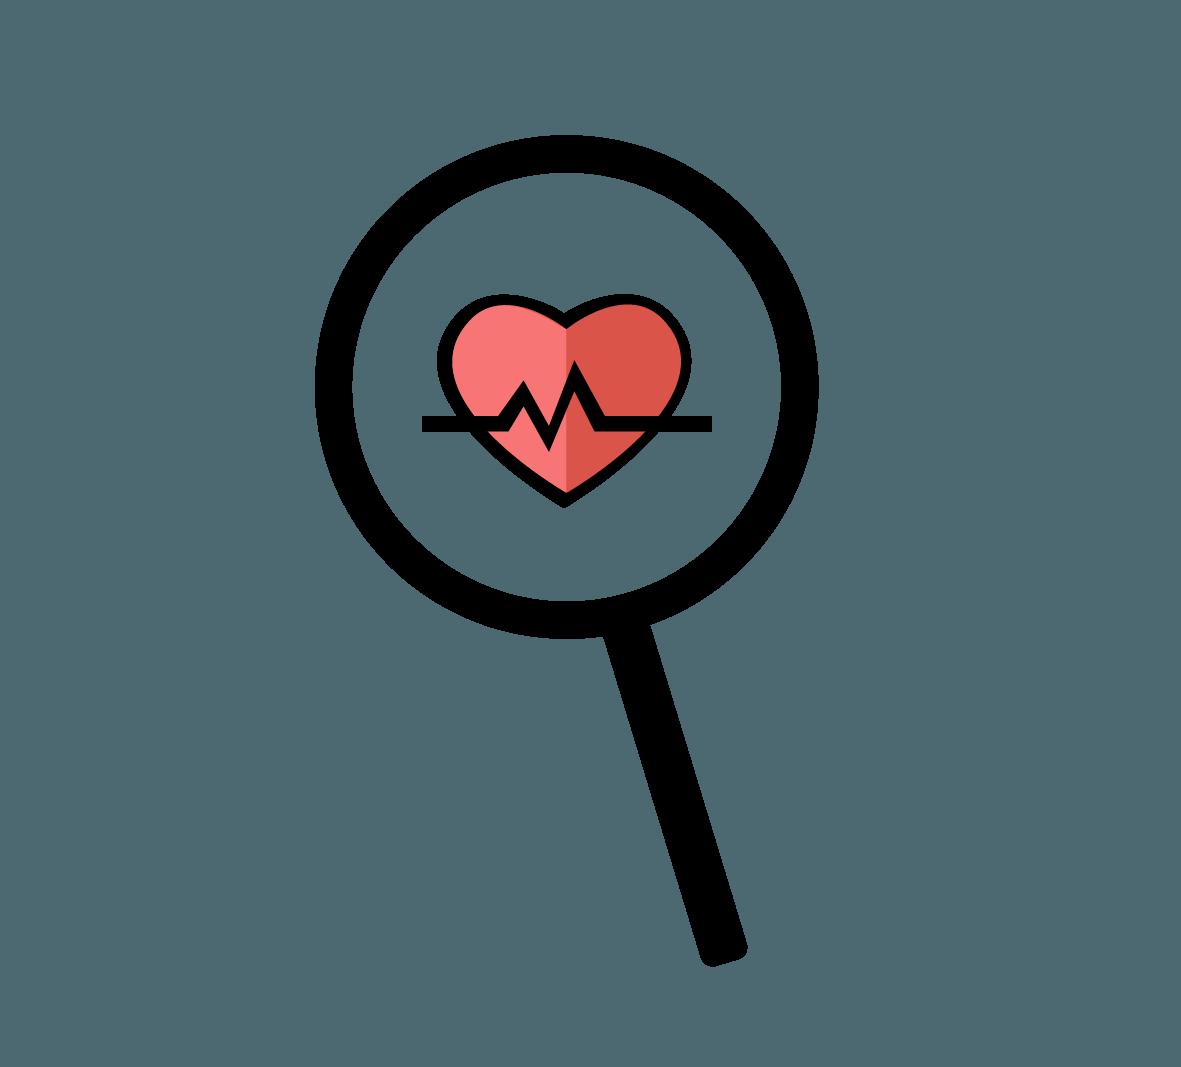 healthDetective-8.png